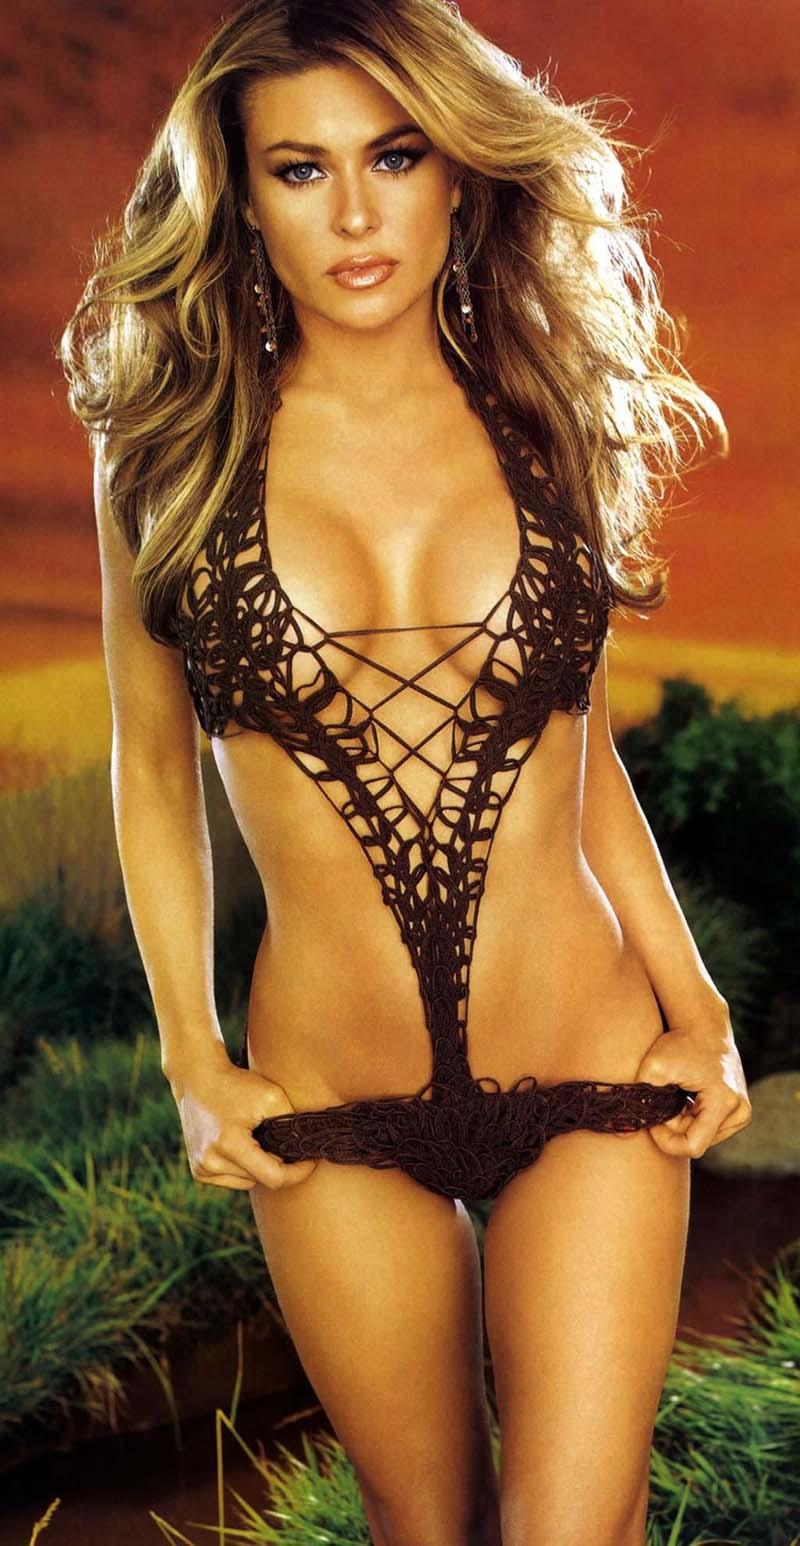 Hot And Romantic Actress Carmen Electra Hot Photos-6195